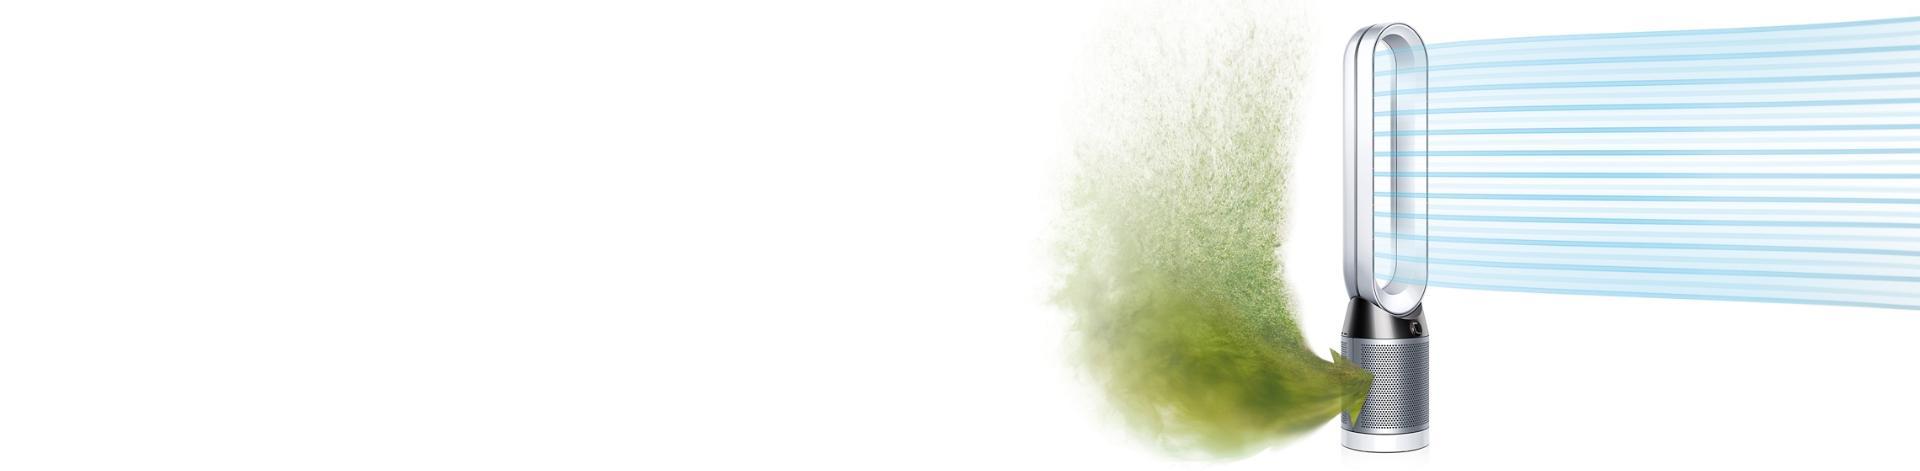 Řada produktů péče o vzduch Dyson